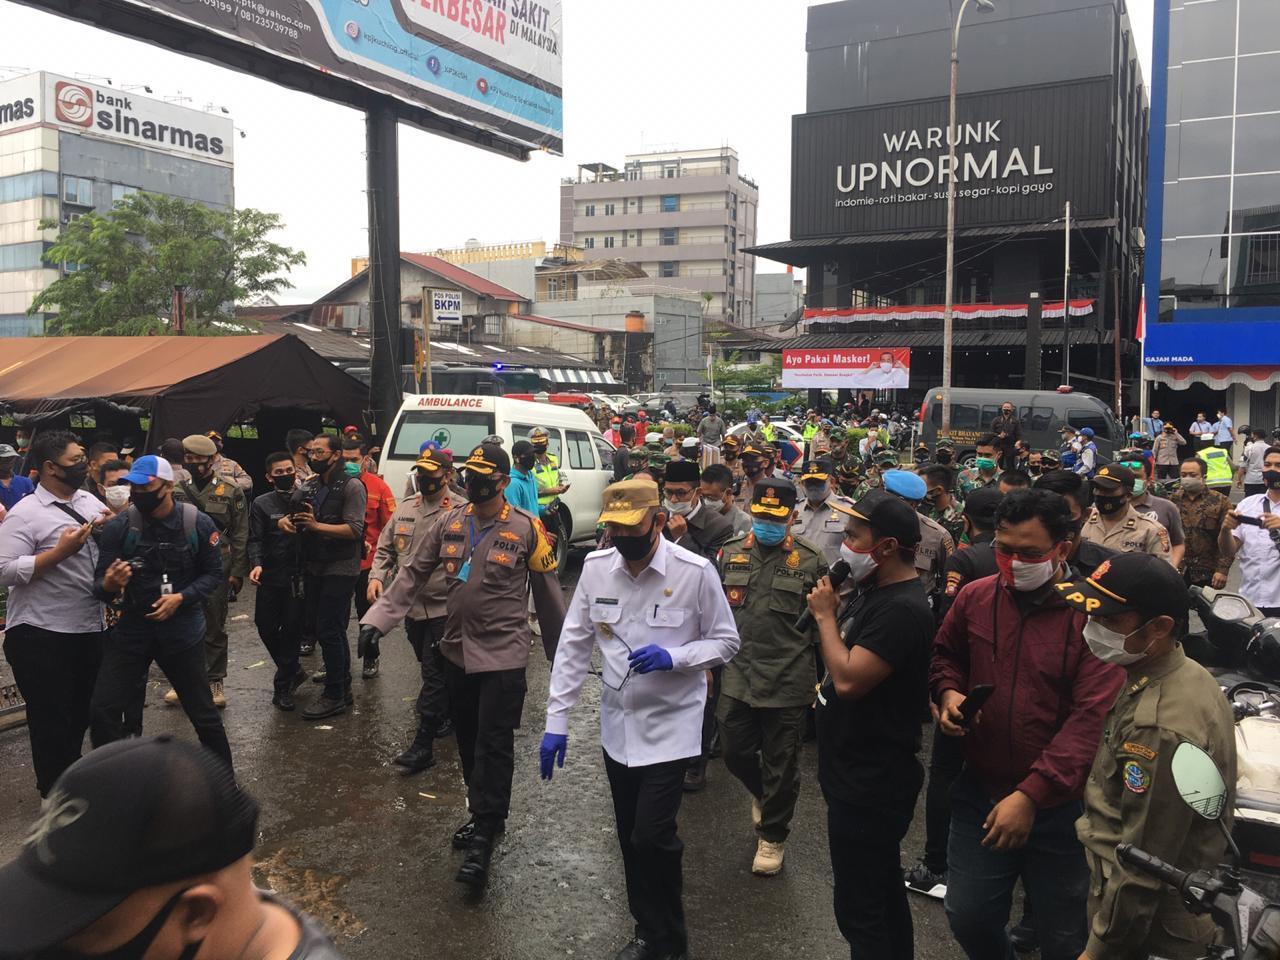 Tempatkan Banyak Petugas di Pasar Tertibkan Masyarakat Pakai Masker 1